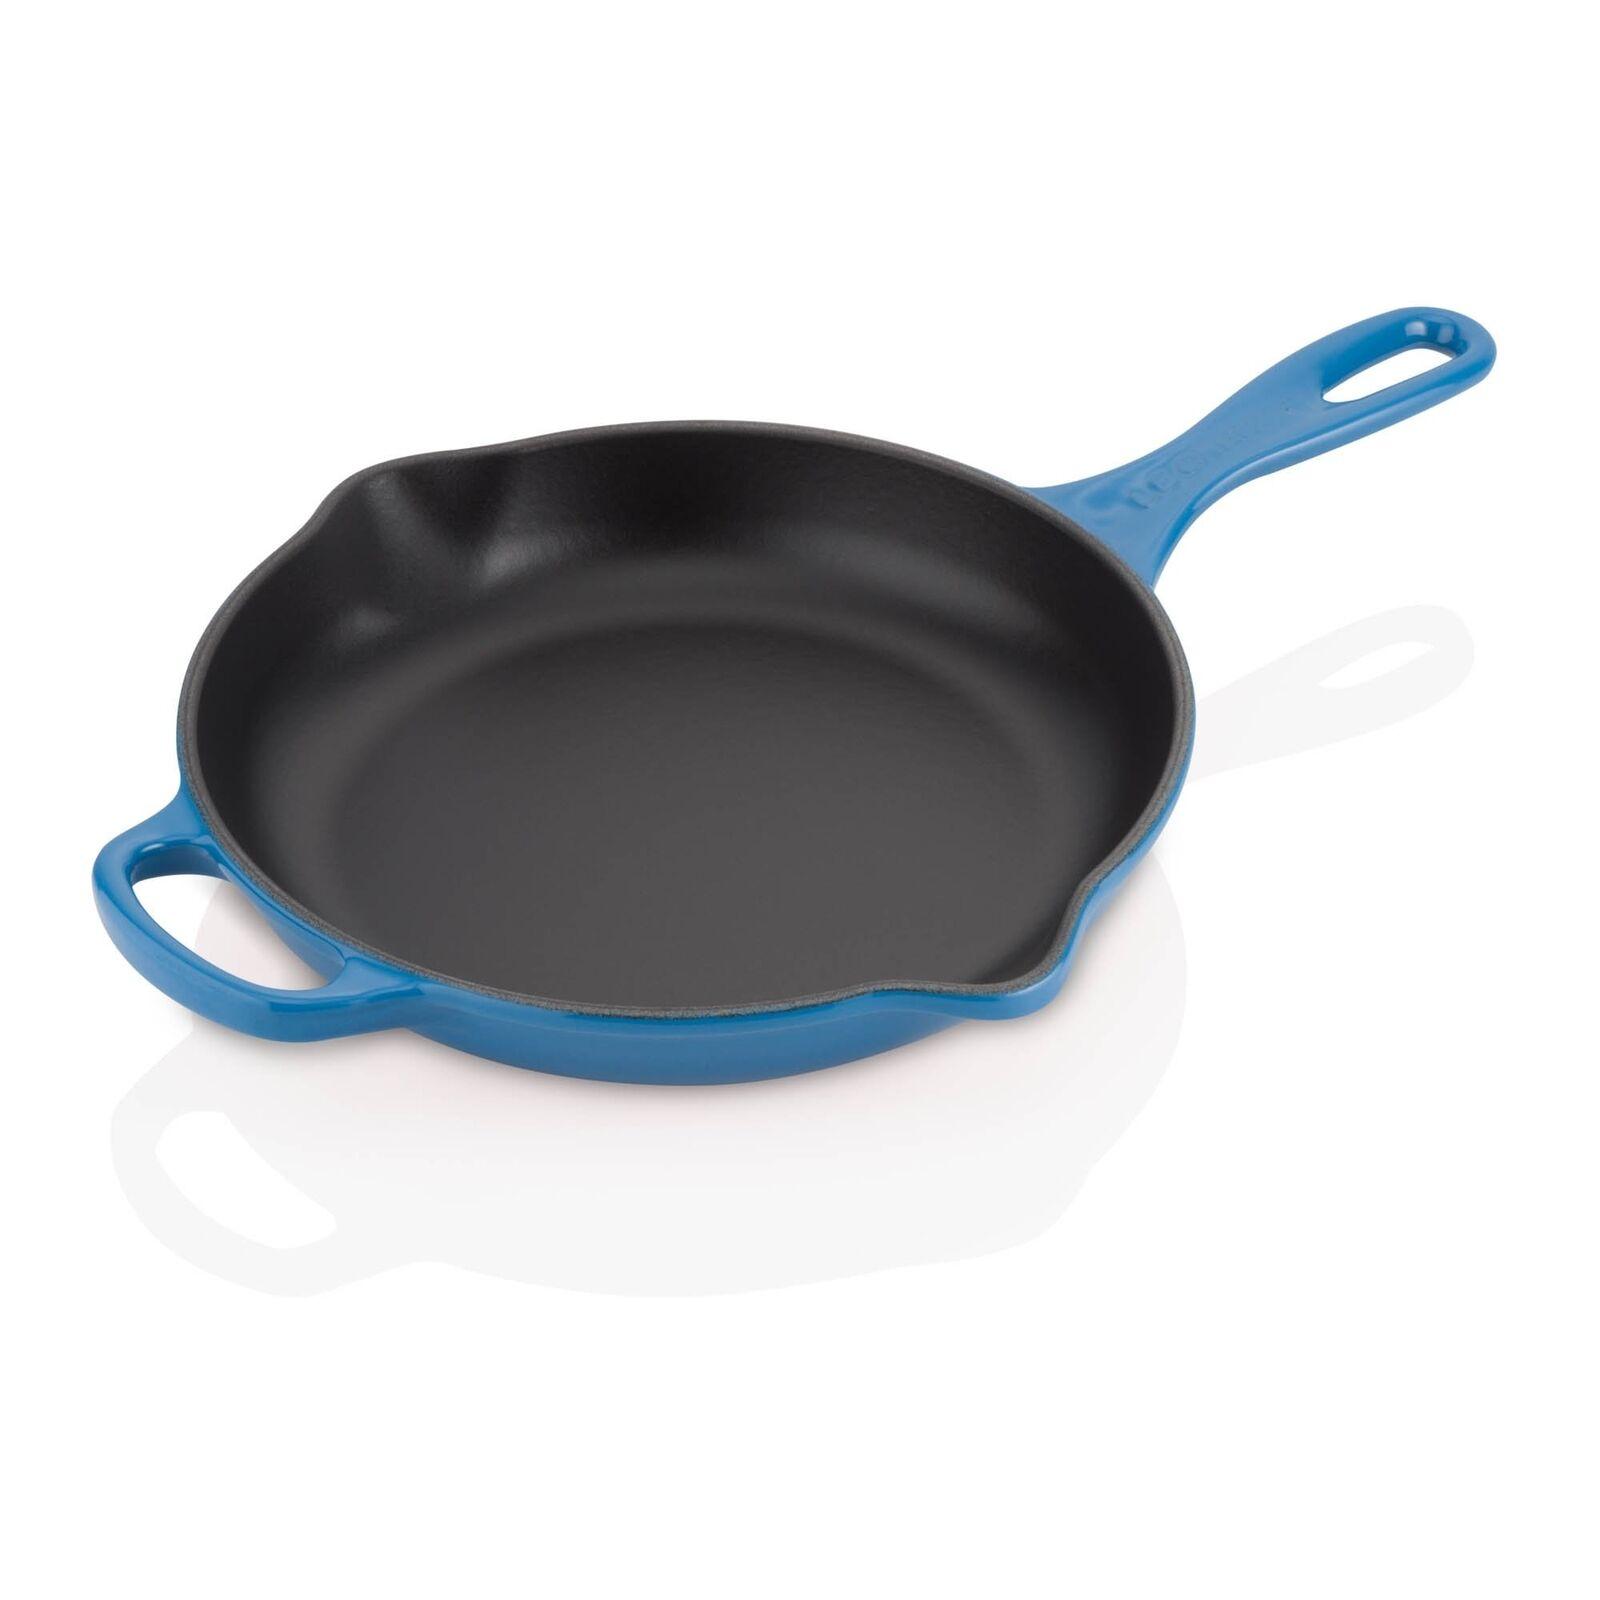 Le Creuset Signature Fonte Poêle/Serving Pan cm, 23 cm, Pan Marseille Bleu 6f35d9